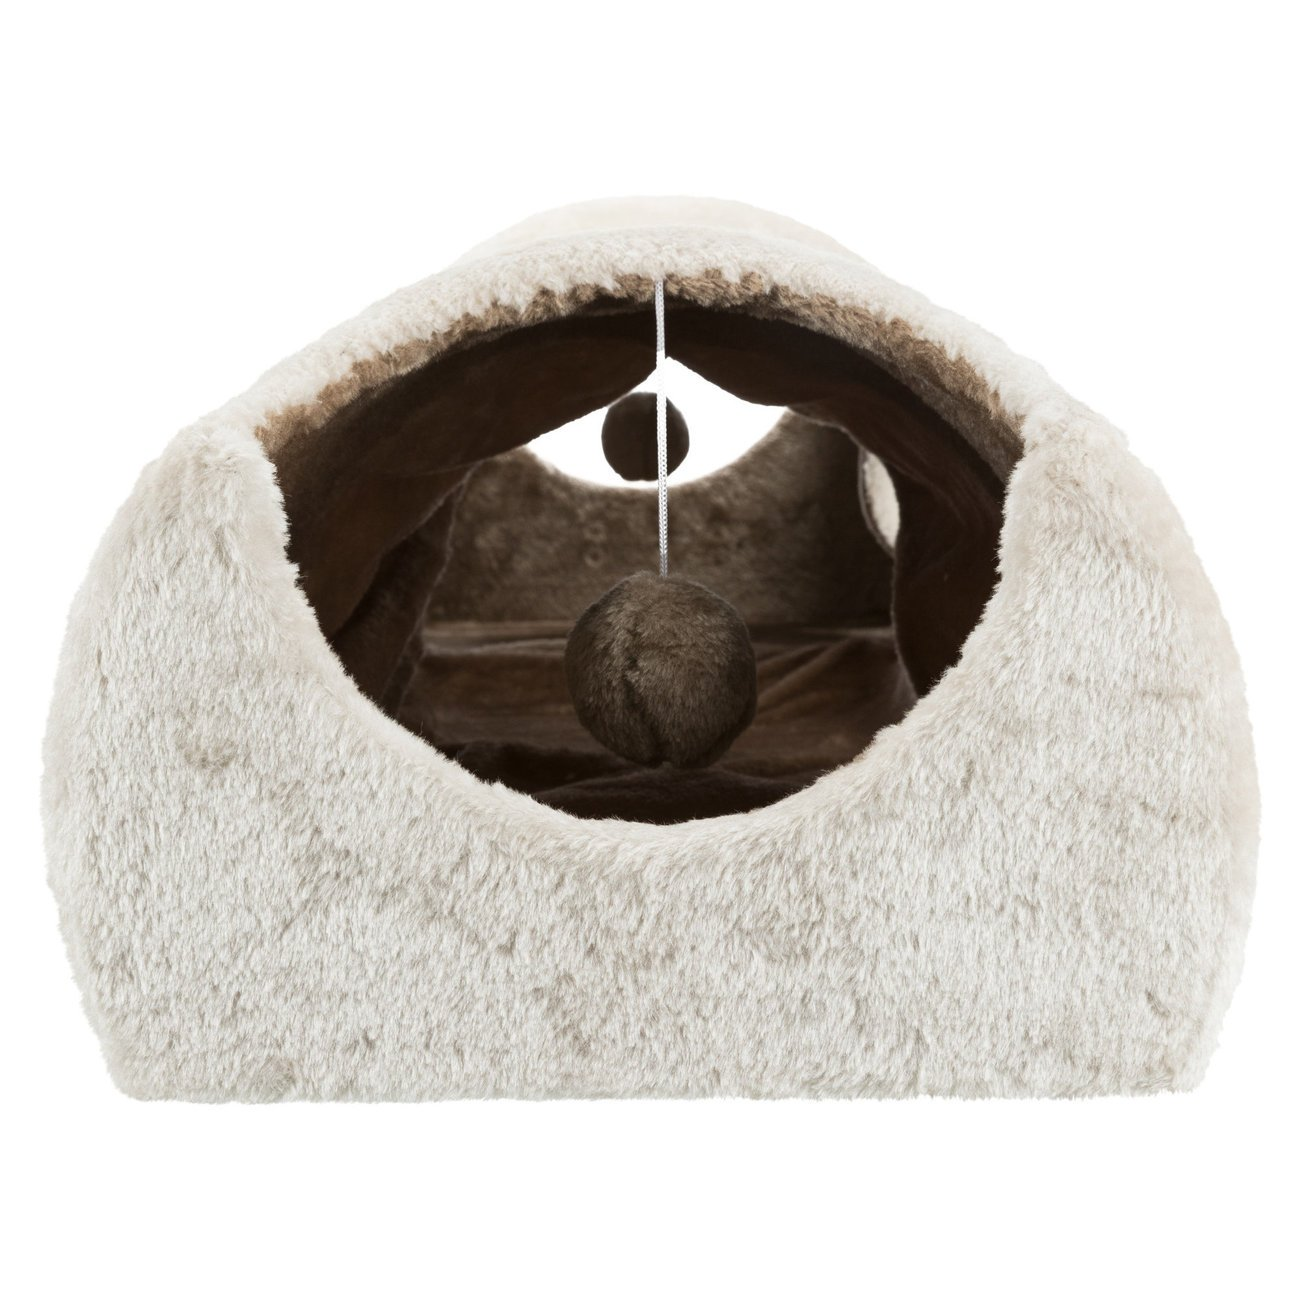 TRIXIE Kratztunnel für Katzen mit Plüsch Bezug 43004, Bild 5